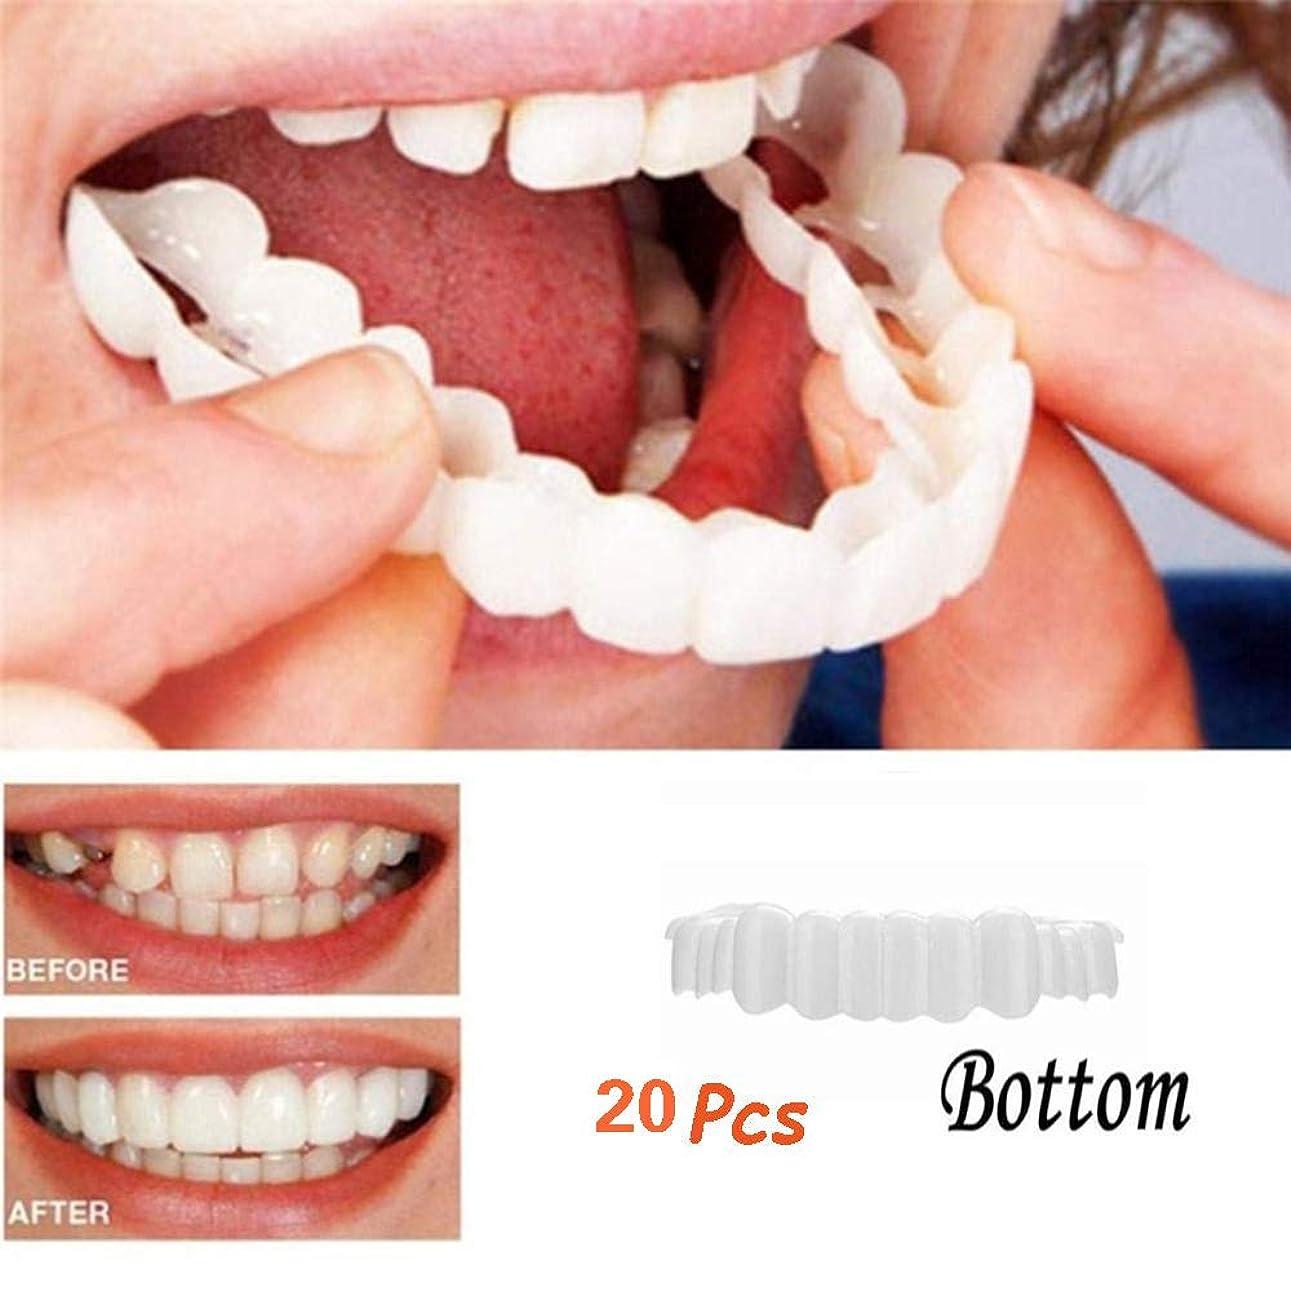 若いことわざ厳しい20ピースボトム化粧品歯コンフォートフィットフレックス化粧品歯コーブ義歯歯のホワイトニングスナップオンインスタント笑顔サイズフィット